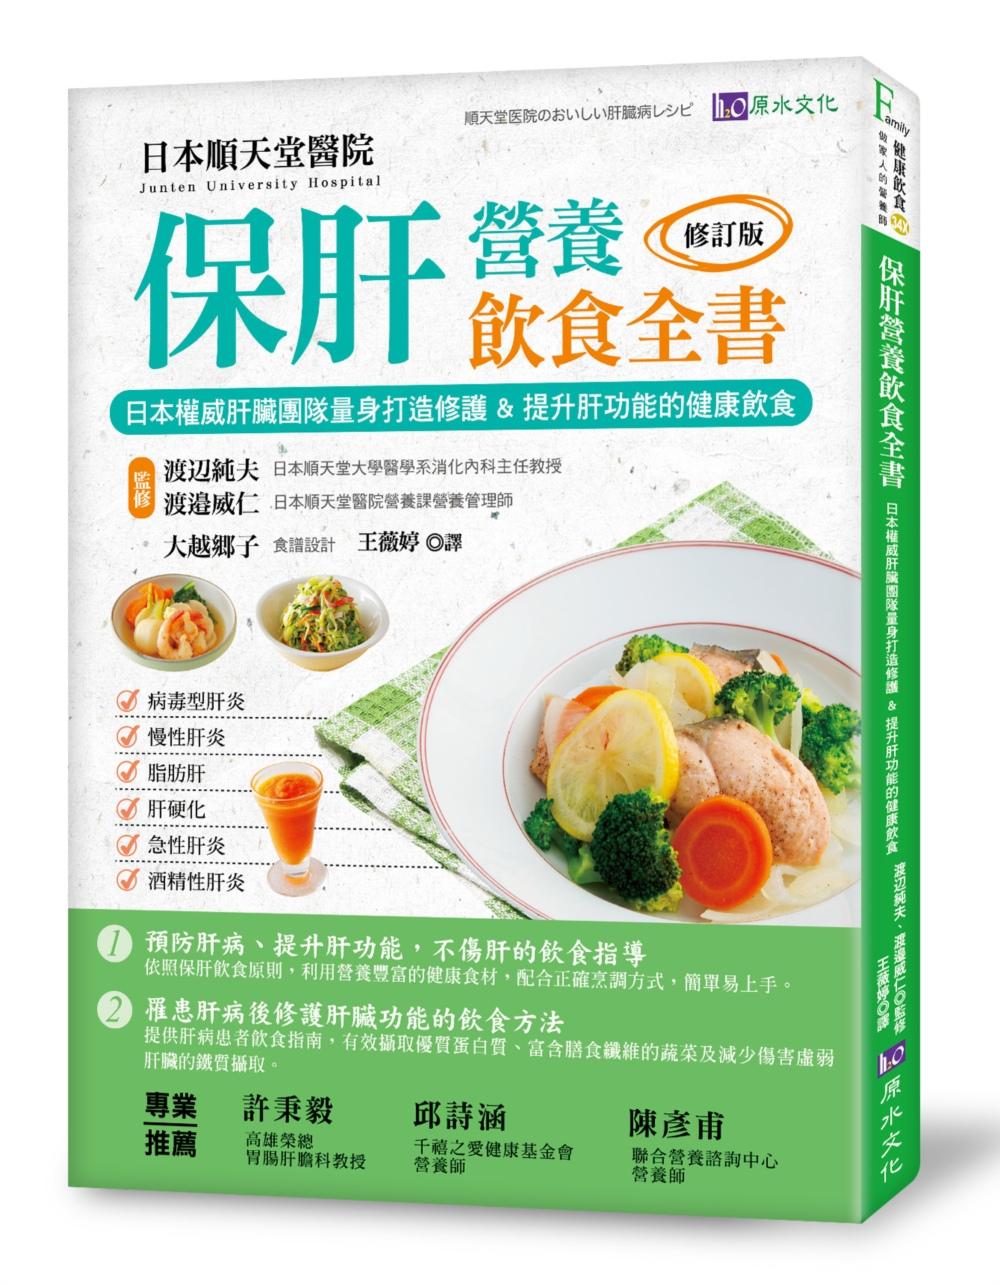 保肝營養飲食全書[修訂版]:日本權威肝臟團隊量身打造修護&提升肝功能的健康飲食!